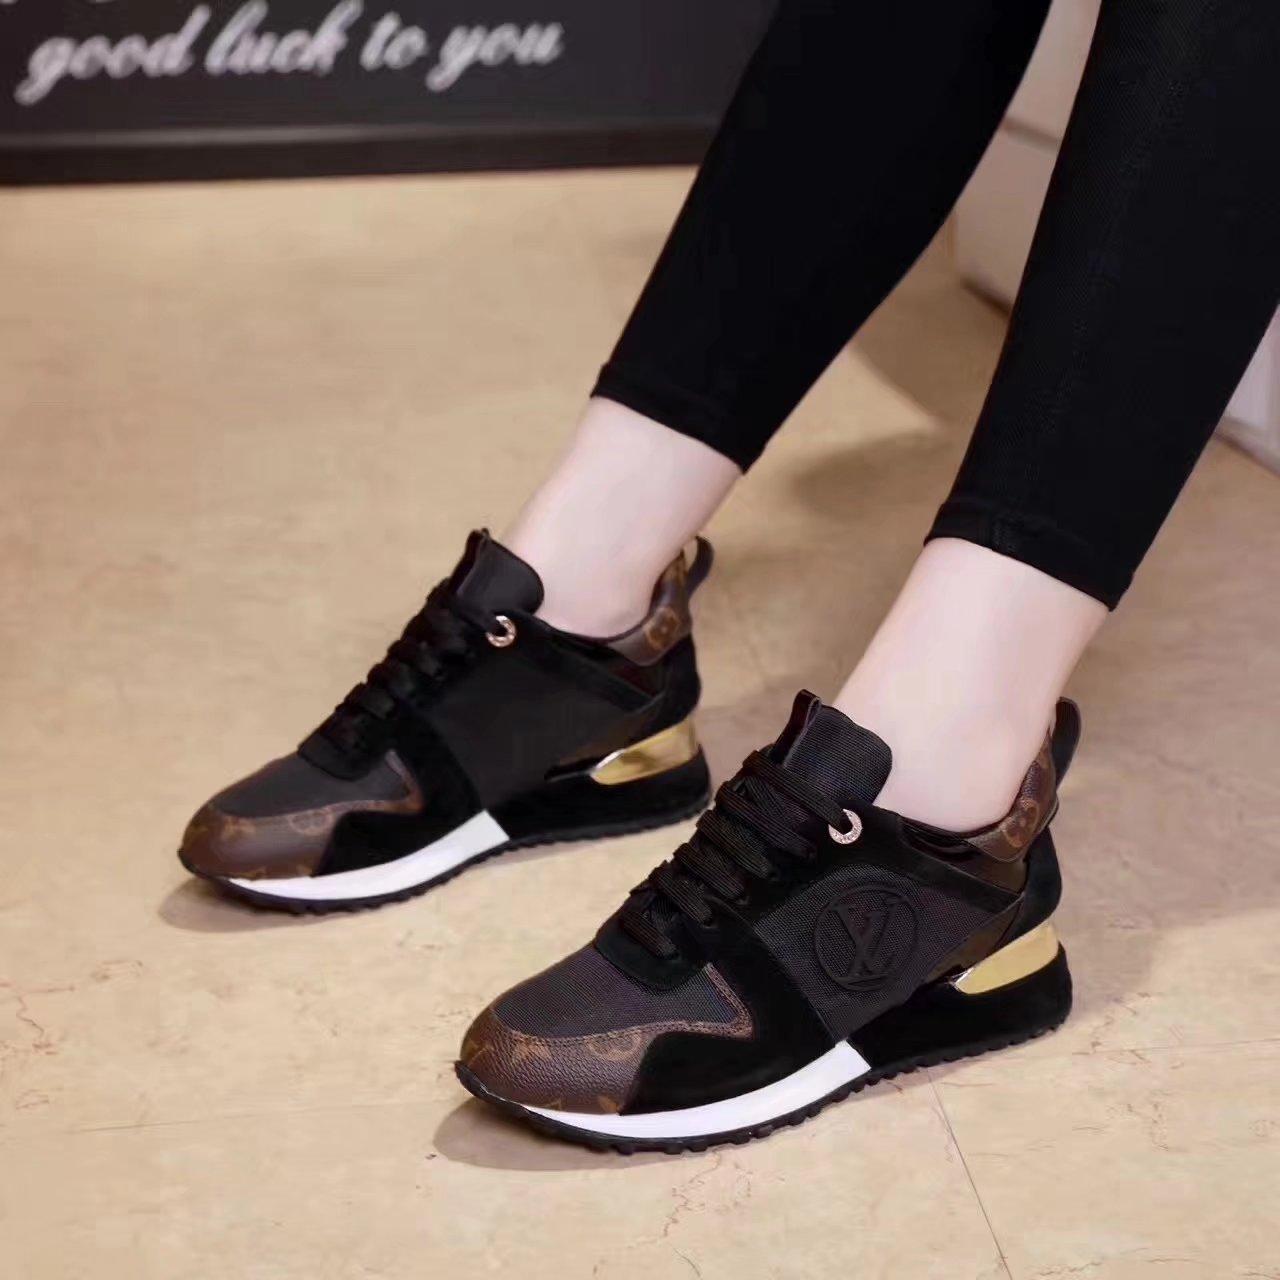 d8ef231af3fd chaussures louis vuitton noir et violet,chaussure louis vuitton prix shop,chaussures  louis vuitton femme pas cher